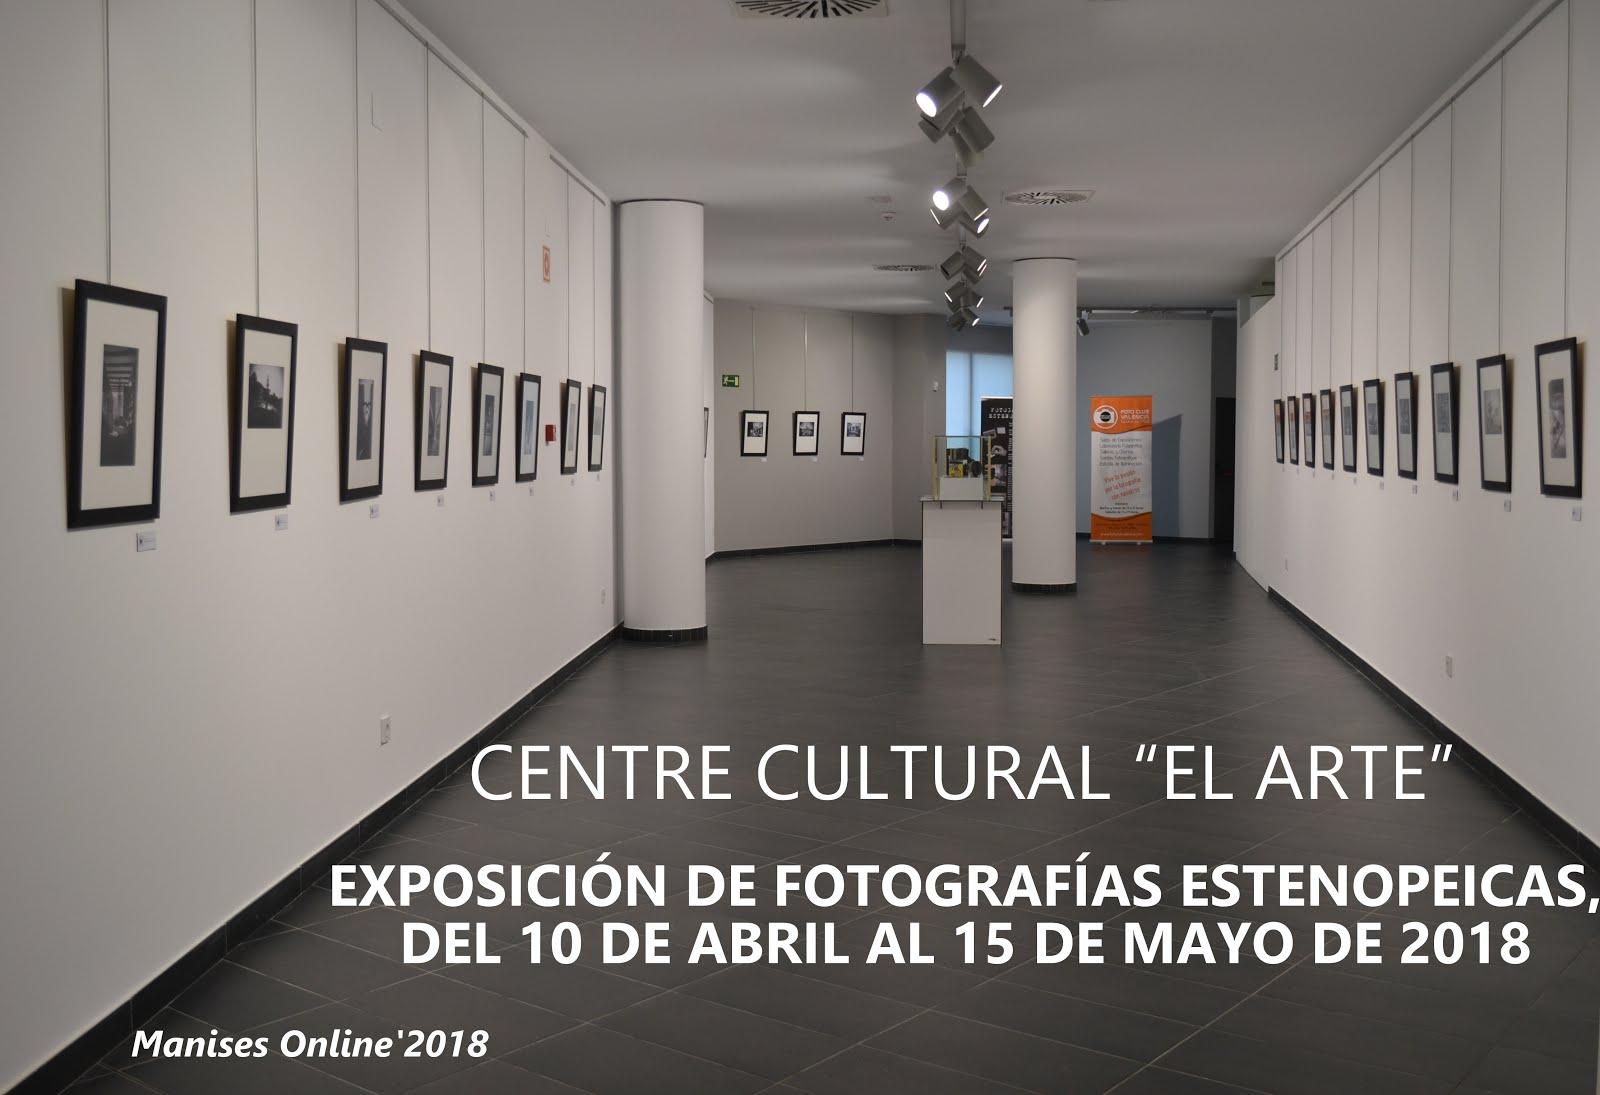 """10.04.18 CENTRO CULTURAL """"EL ARTE"""": EXPOSICIÓN DE FOTOGRAFÍA ESTENOPEICA"""